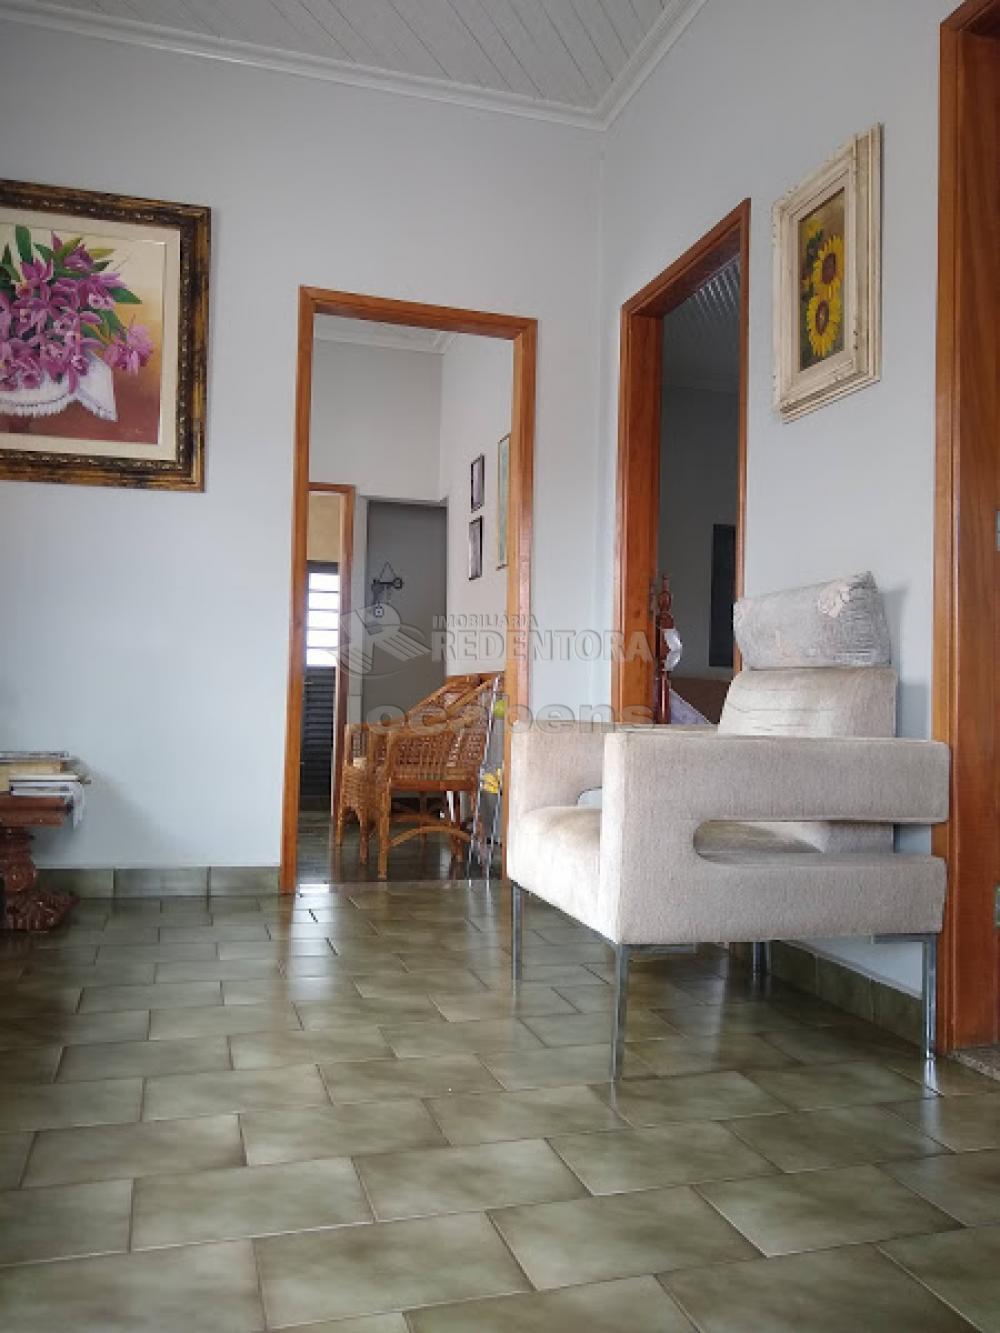 Comprar Casa / Padrão em São José do Rio Preto R$ 900.000,00 - Foto 4